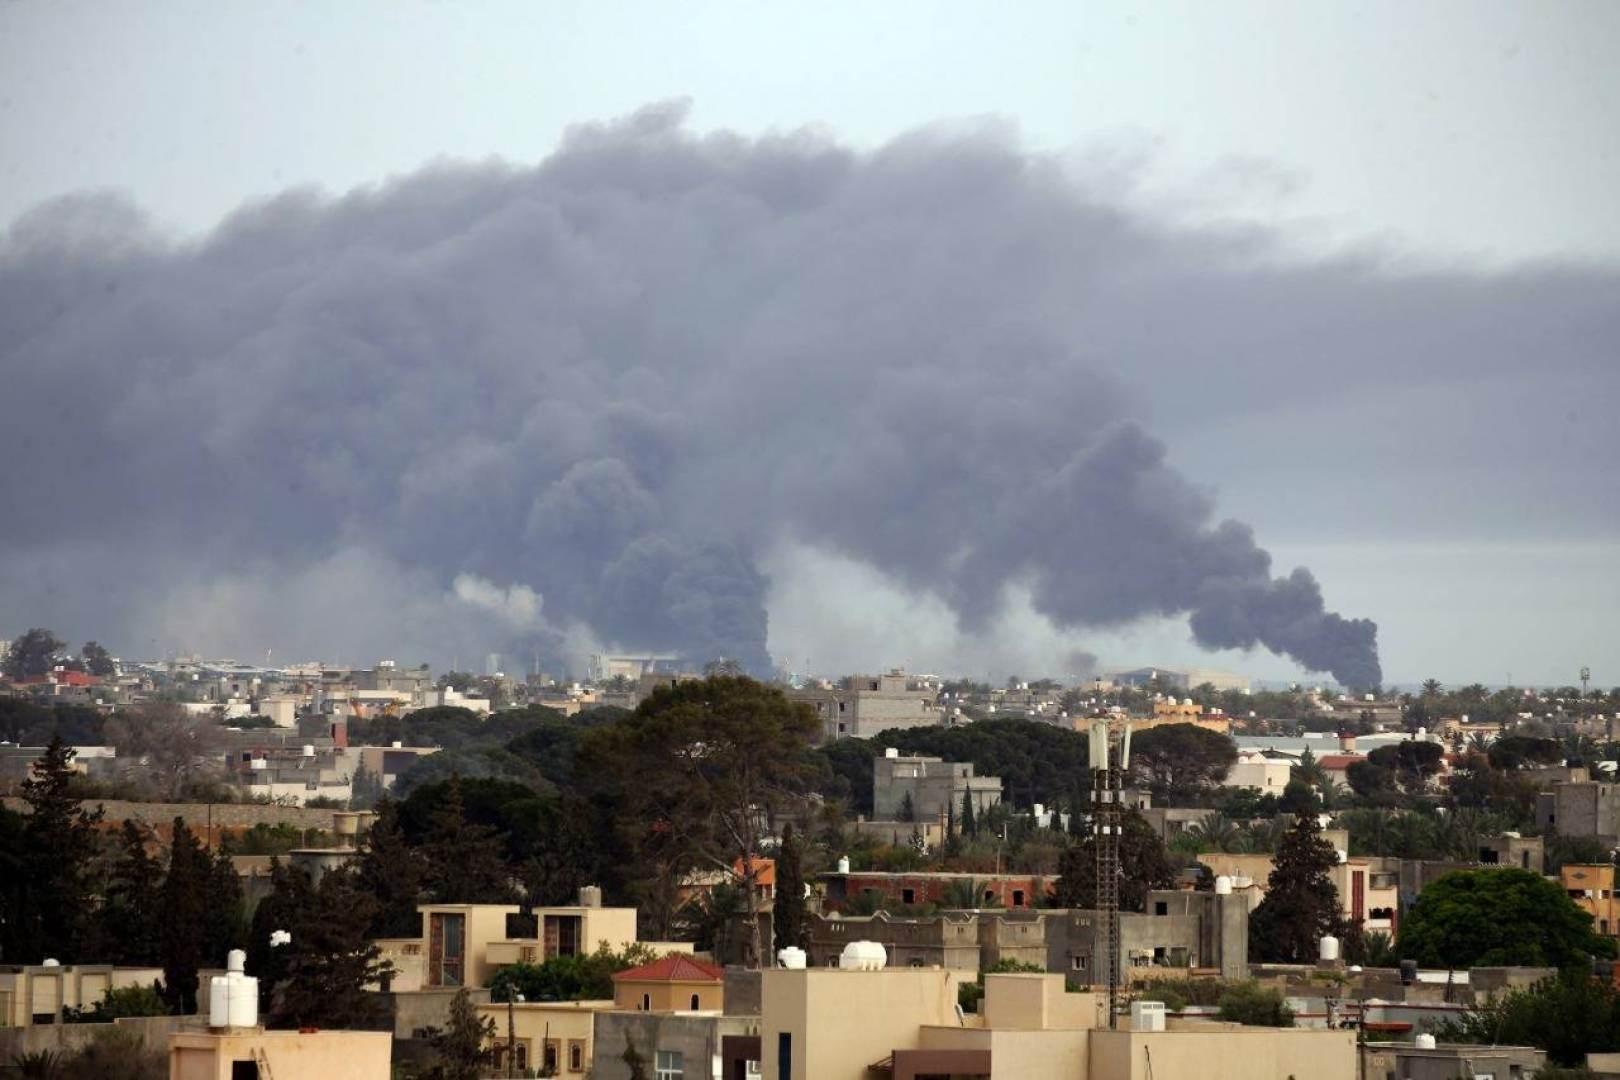 مقتل 5 مدنيين وإصابة 12 في قصف صاروخي استهدف طرابلس الليبية